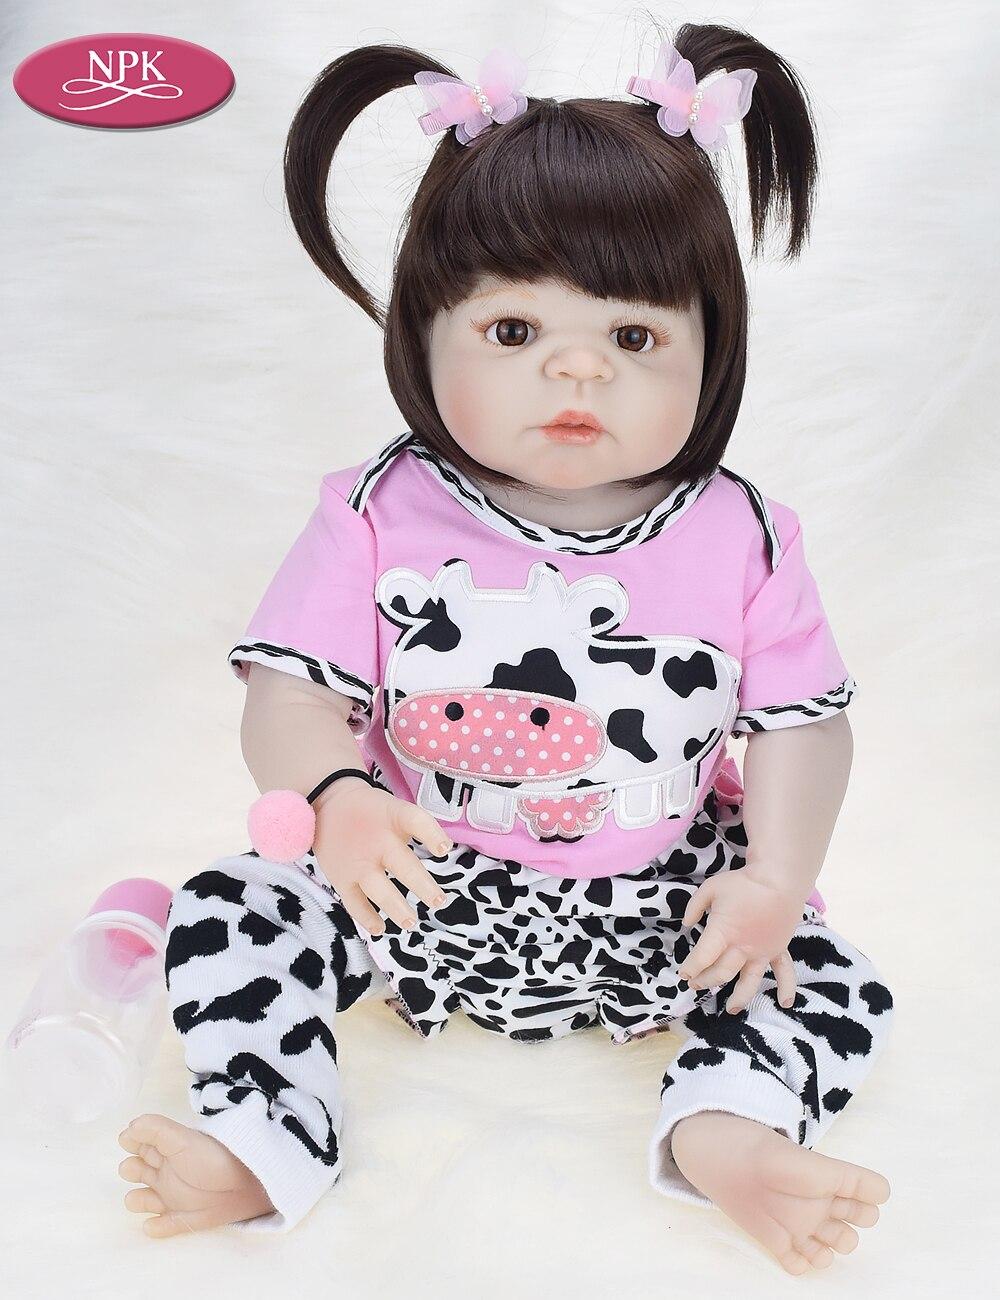 3b77c45b3 ... NPK Real 57CM Full Body SIlicone Girl Reborn Babies Doll Bath Toy  Lifelike Newborn Princess Baby ...